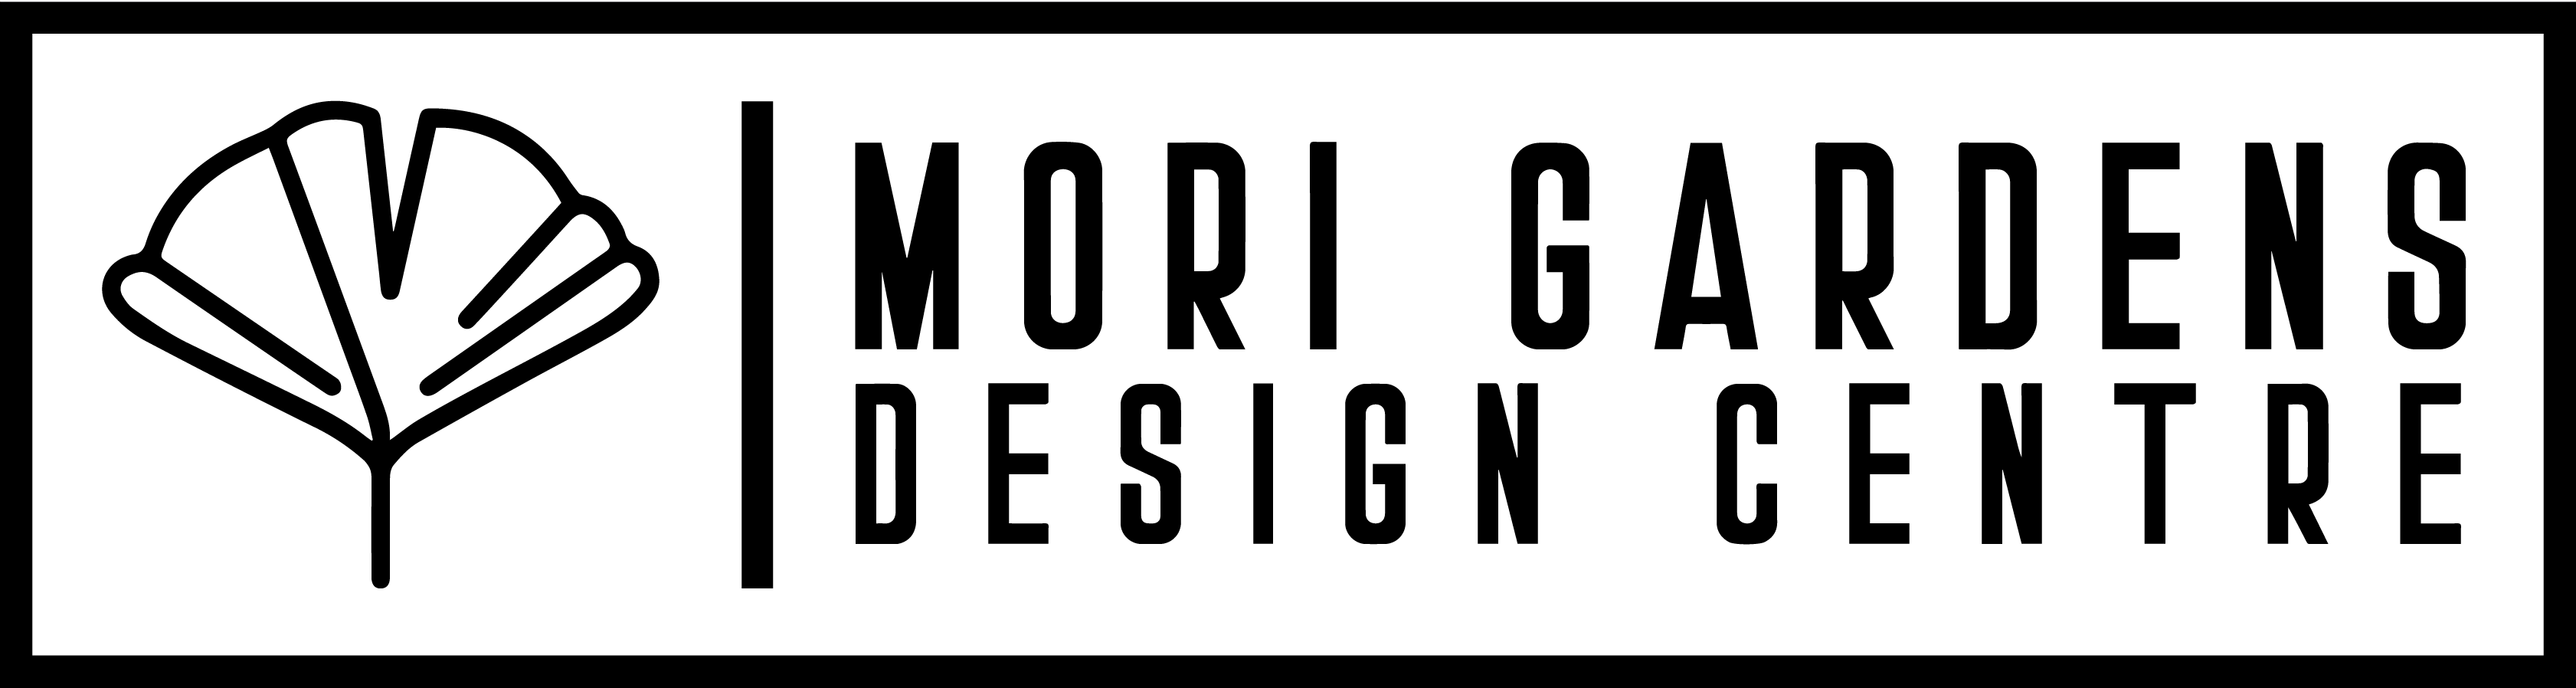 Mori Gardens Design Centre Logo. Ginkgo leaf logo